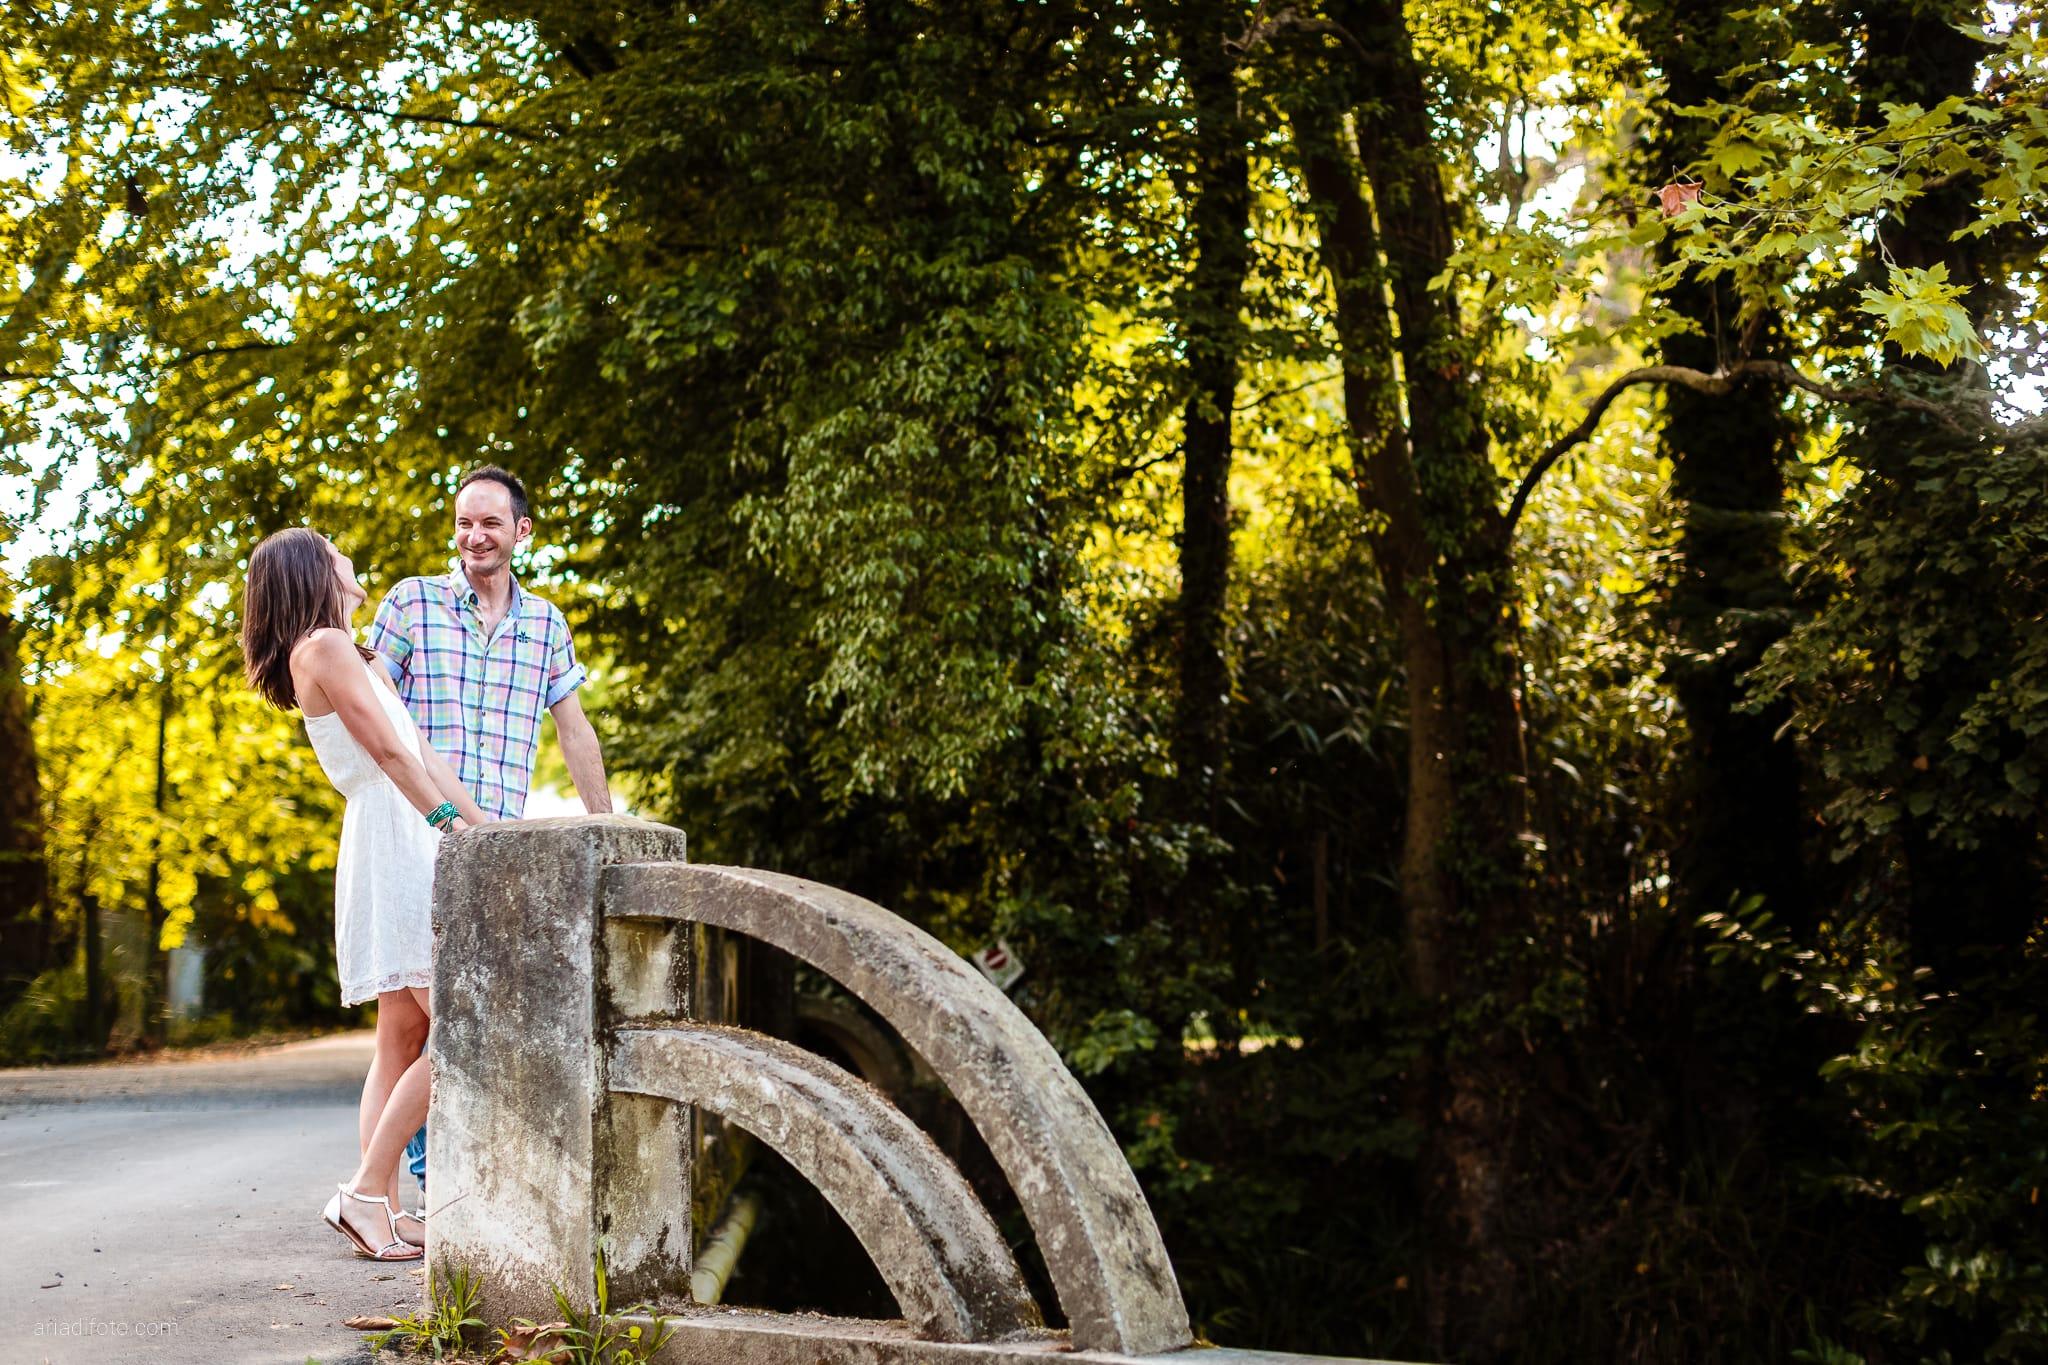 Cinzia Andrea Prematrimoniale Principato Ariis Villa Ottelio Savorgnan Rivignano Udine